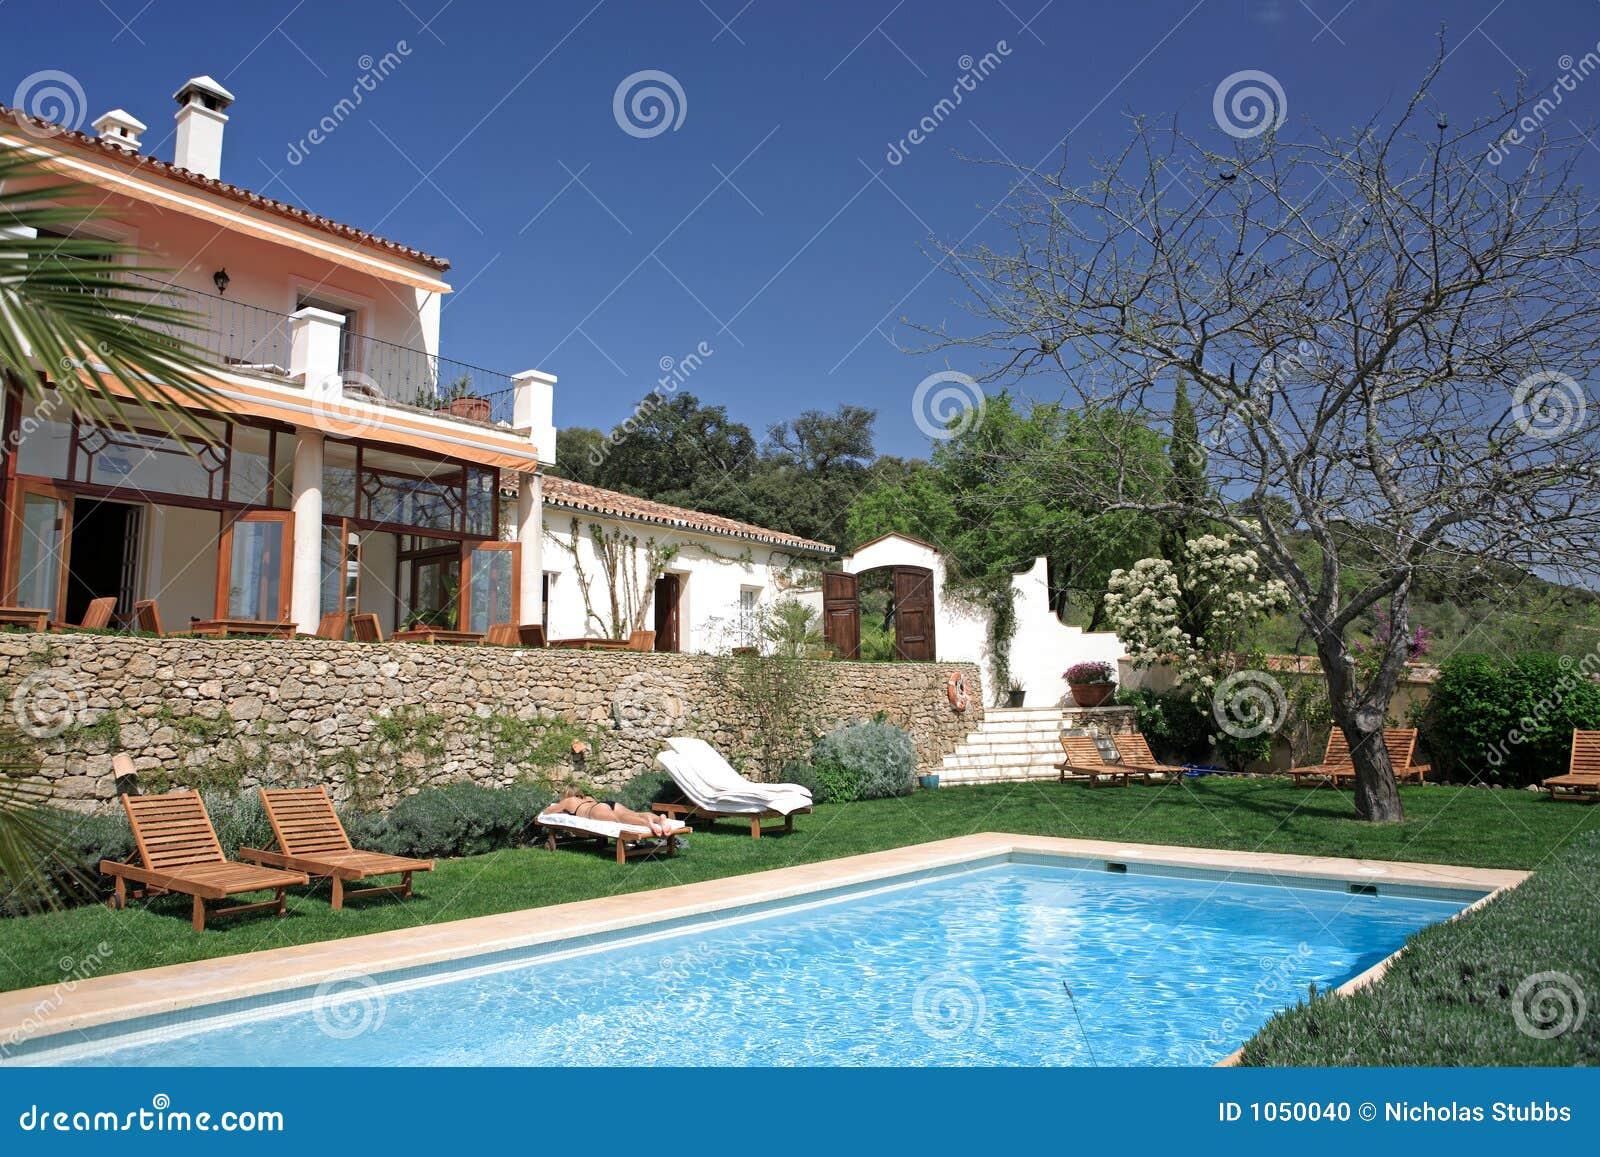 hotel e piscina r sticos luxuosos no campo foto de stock